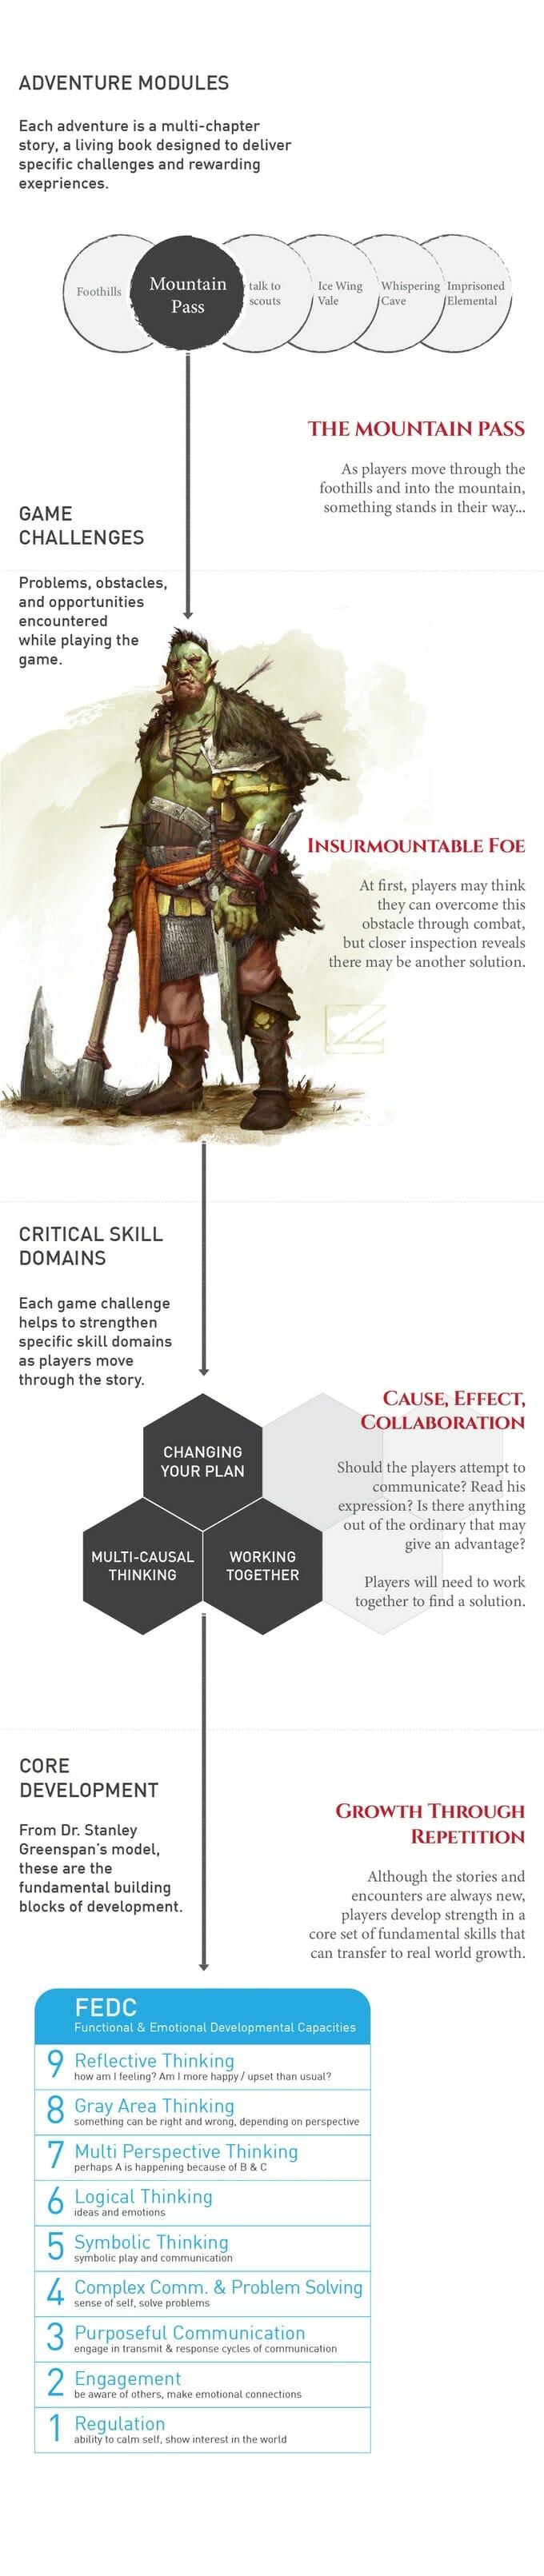 FEDC framework